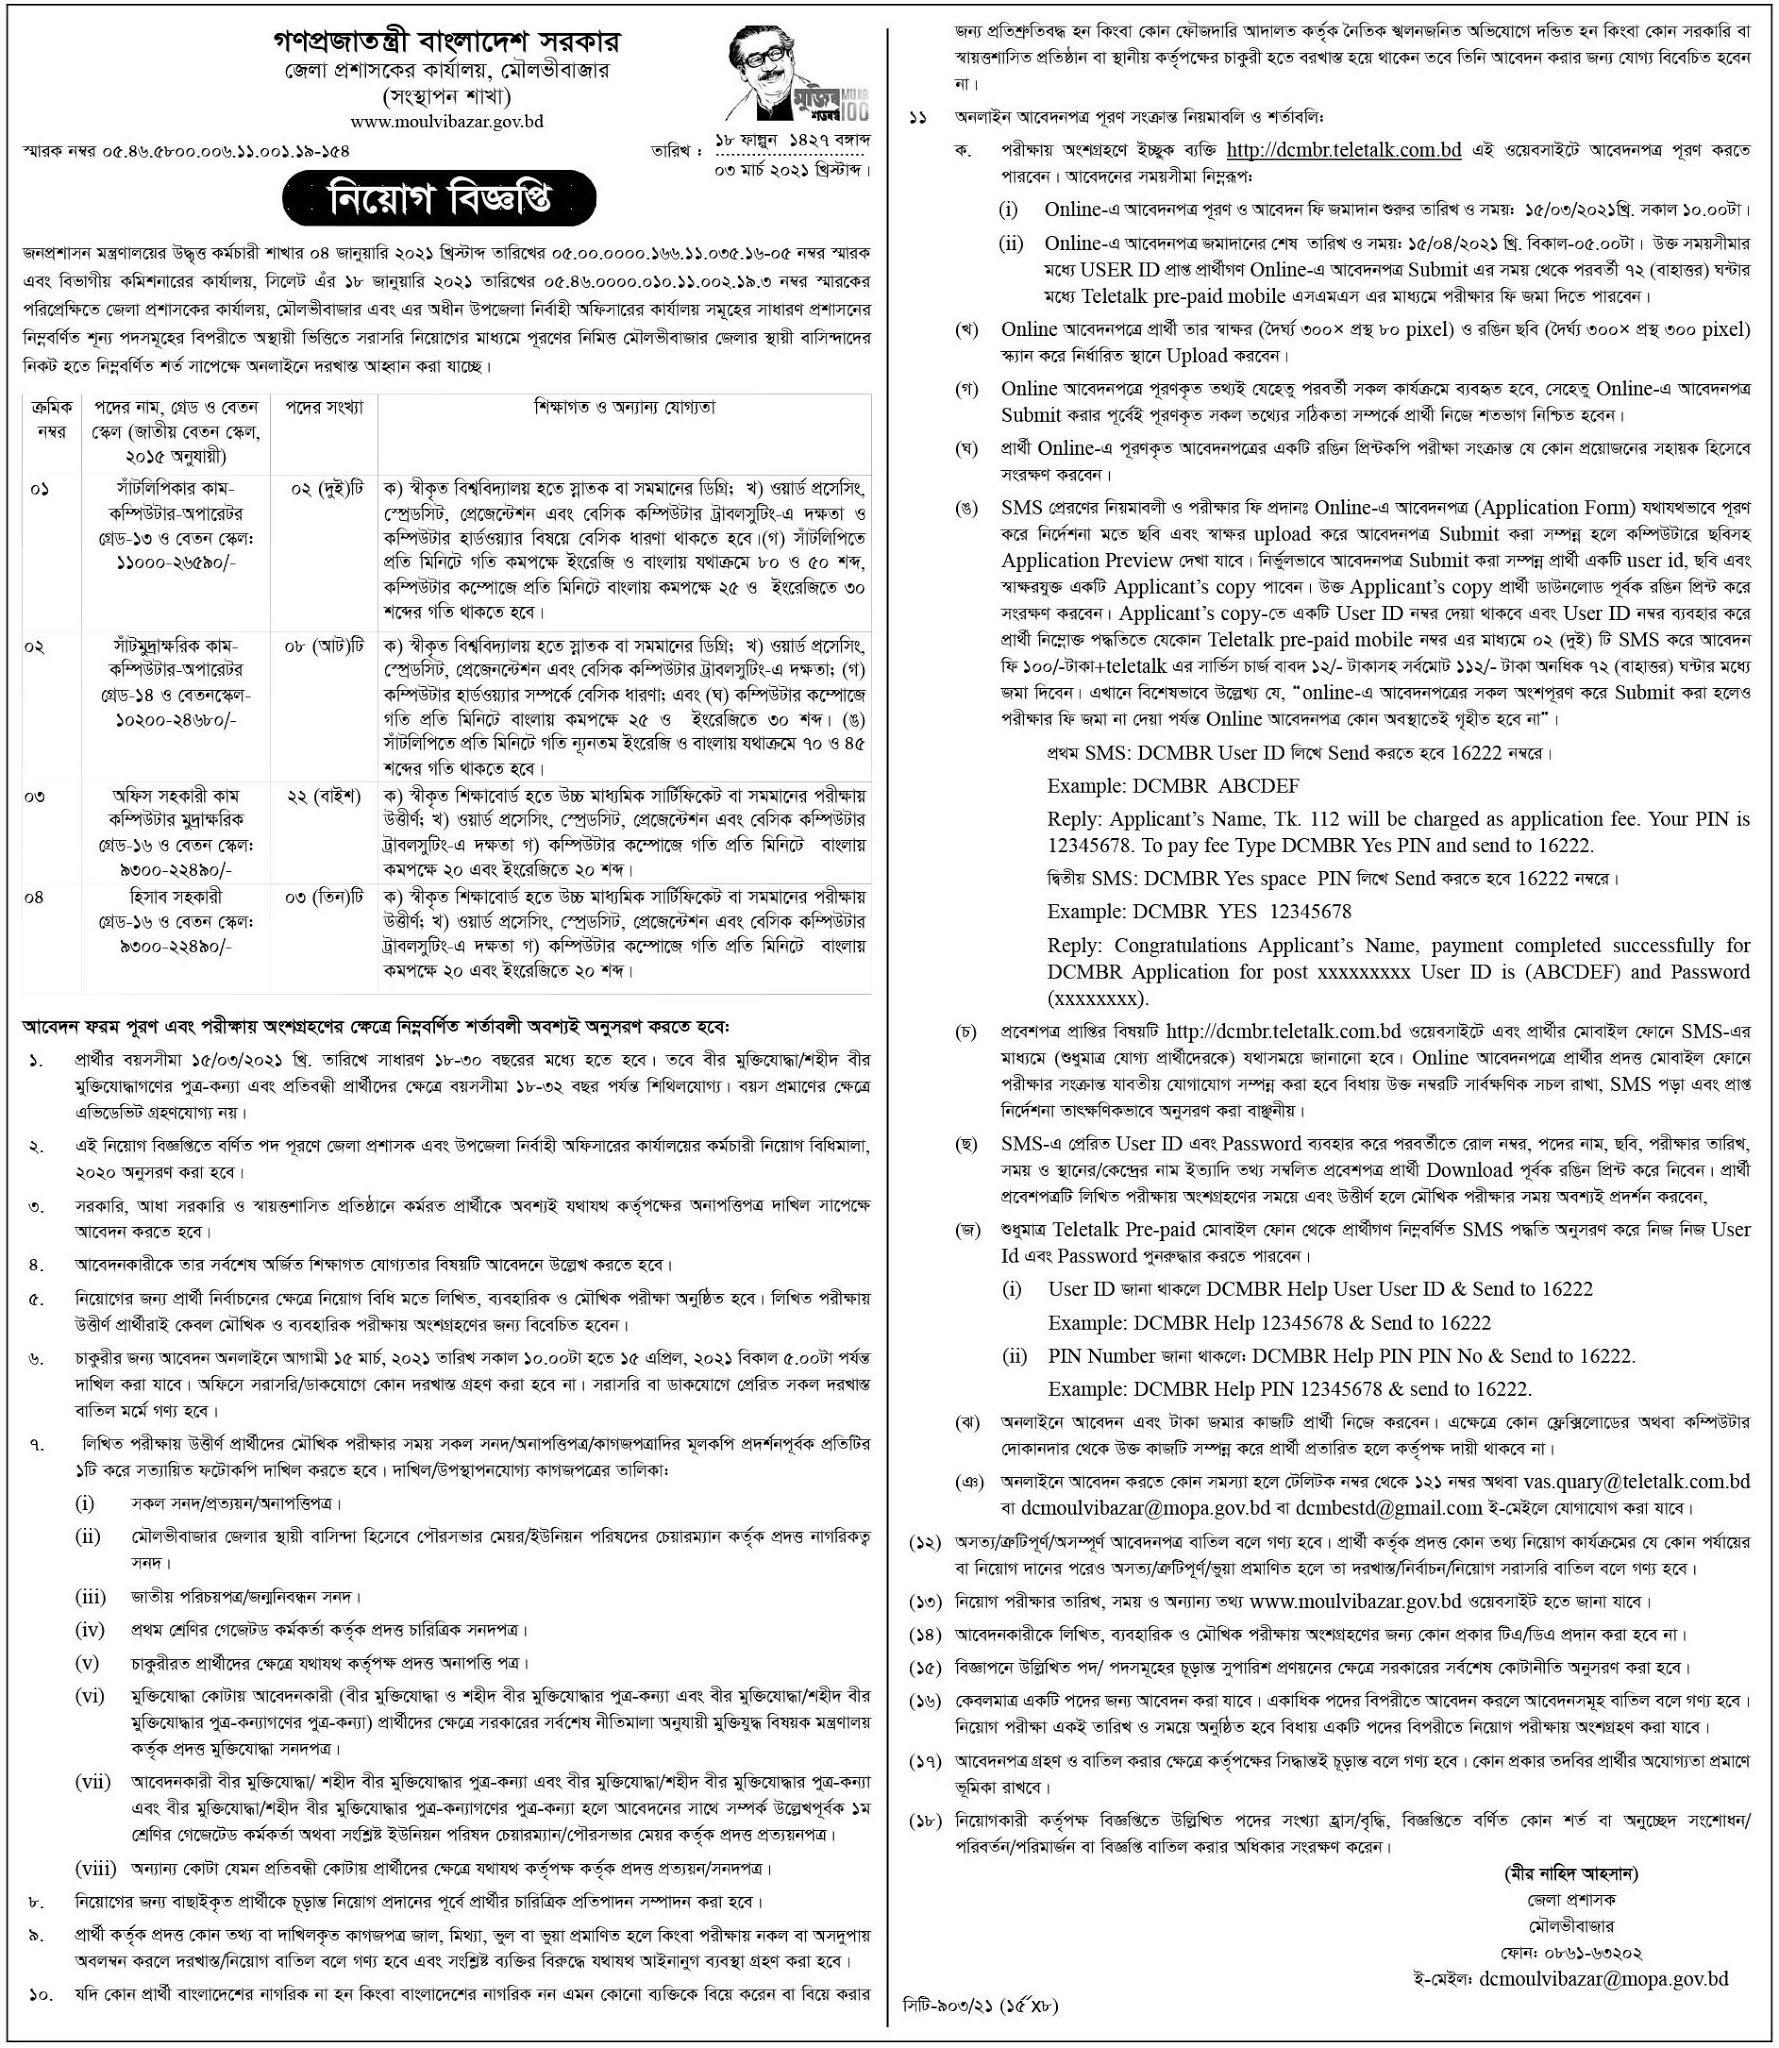 মৌলভীবাজার জেলা প্রশাসকের কার্যালয় নতুন সার্কুলার ২০২১ - MoulviBazar DC office News job Circular 2021